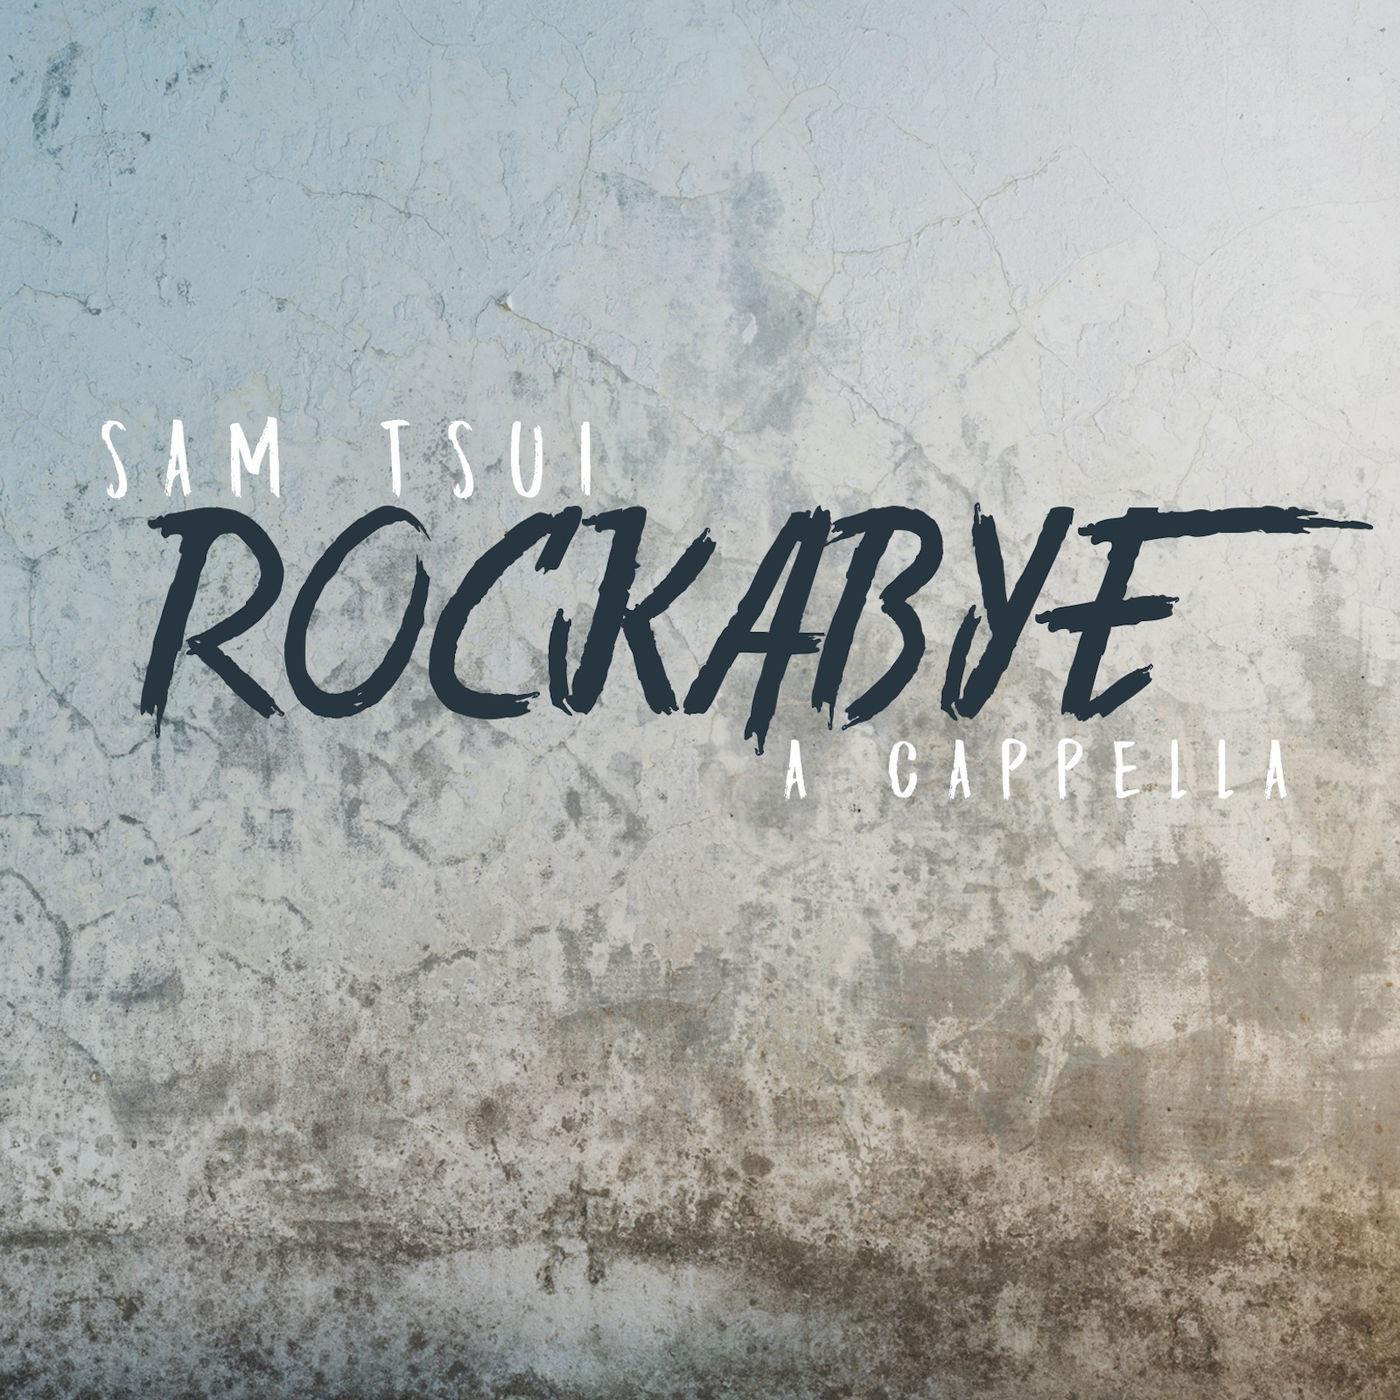 Rockabye (A Cappella)